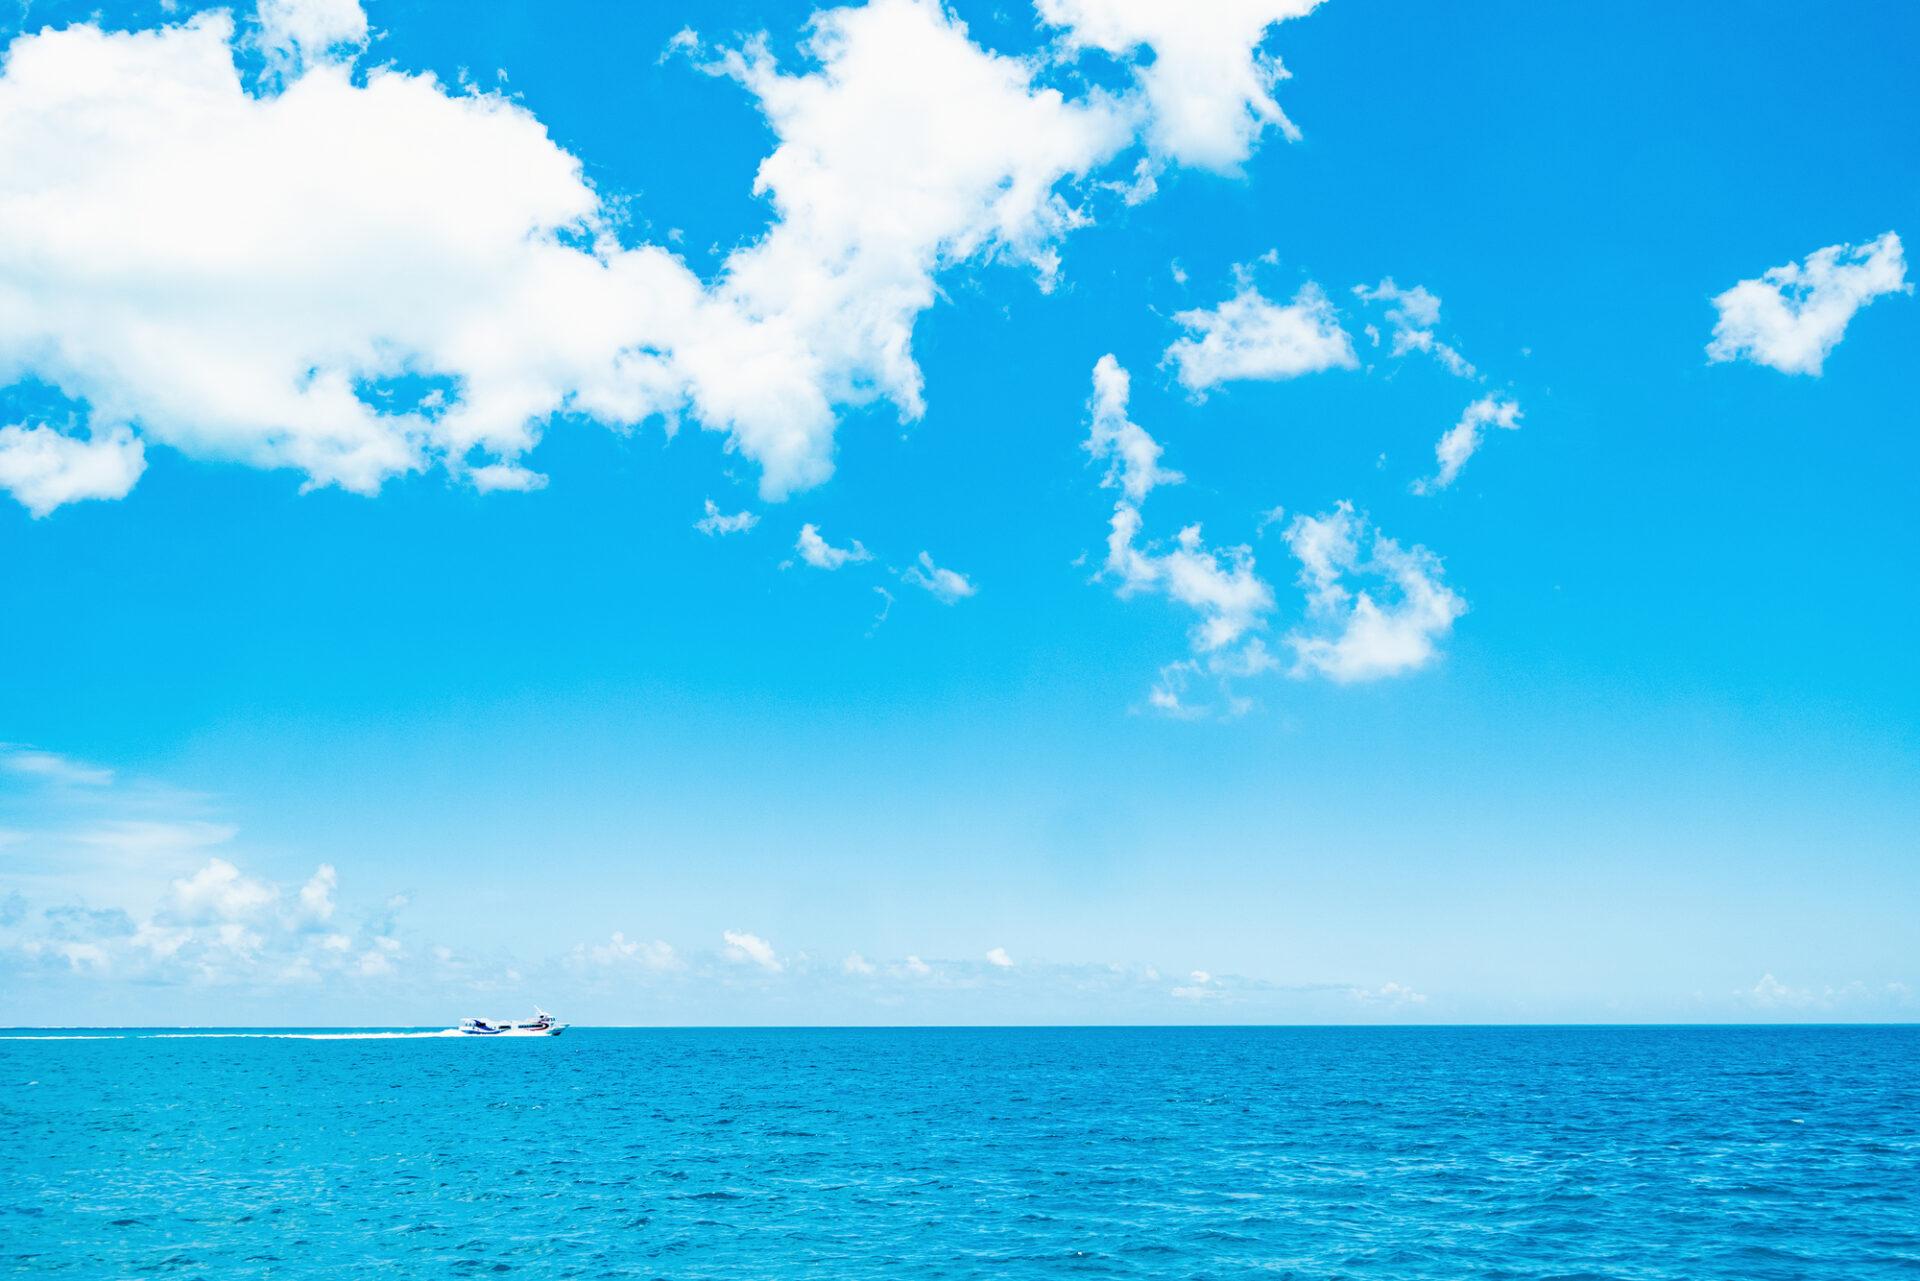 青い空と海が広がる